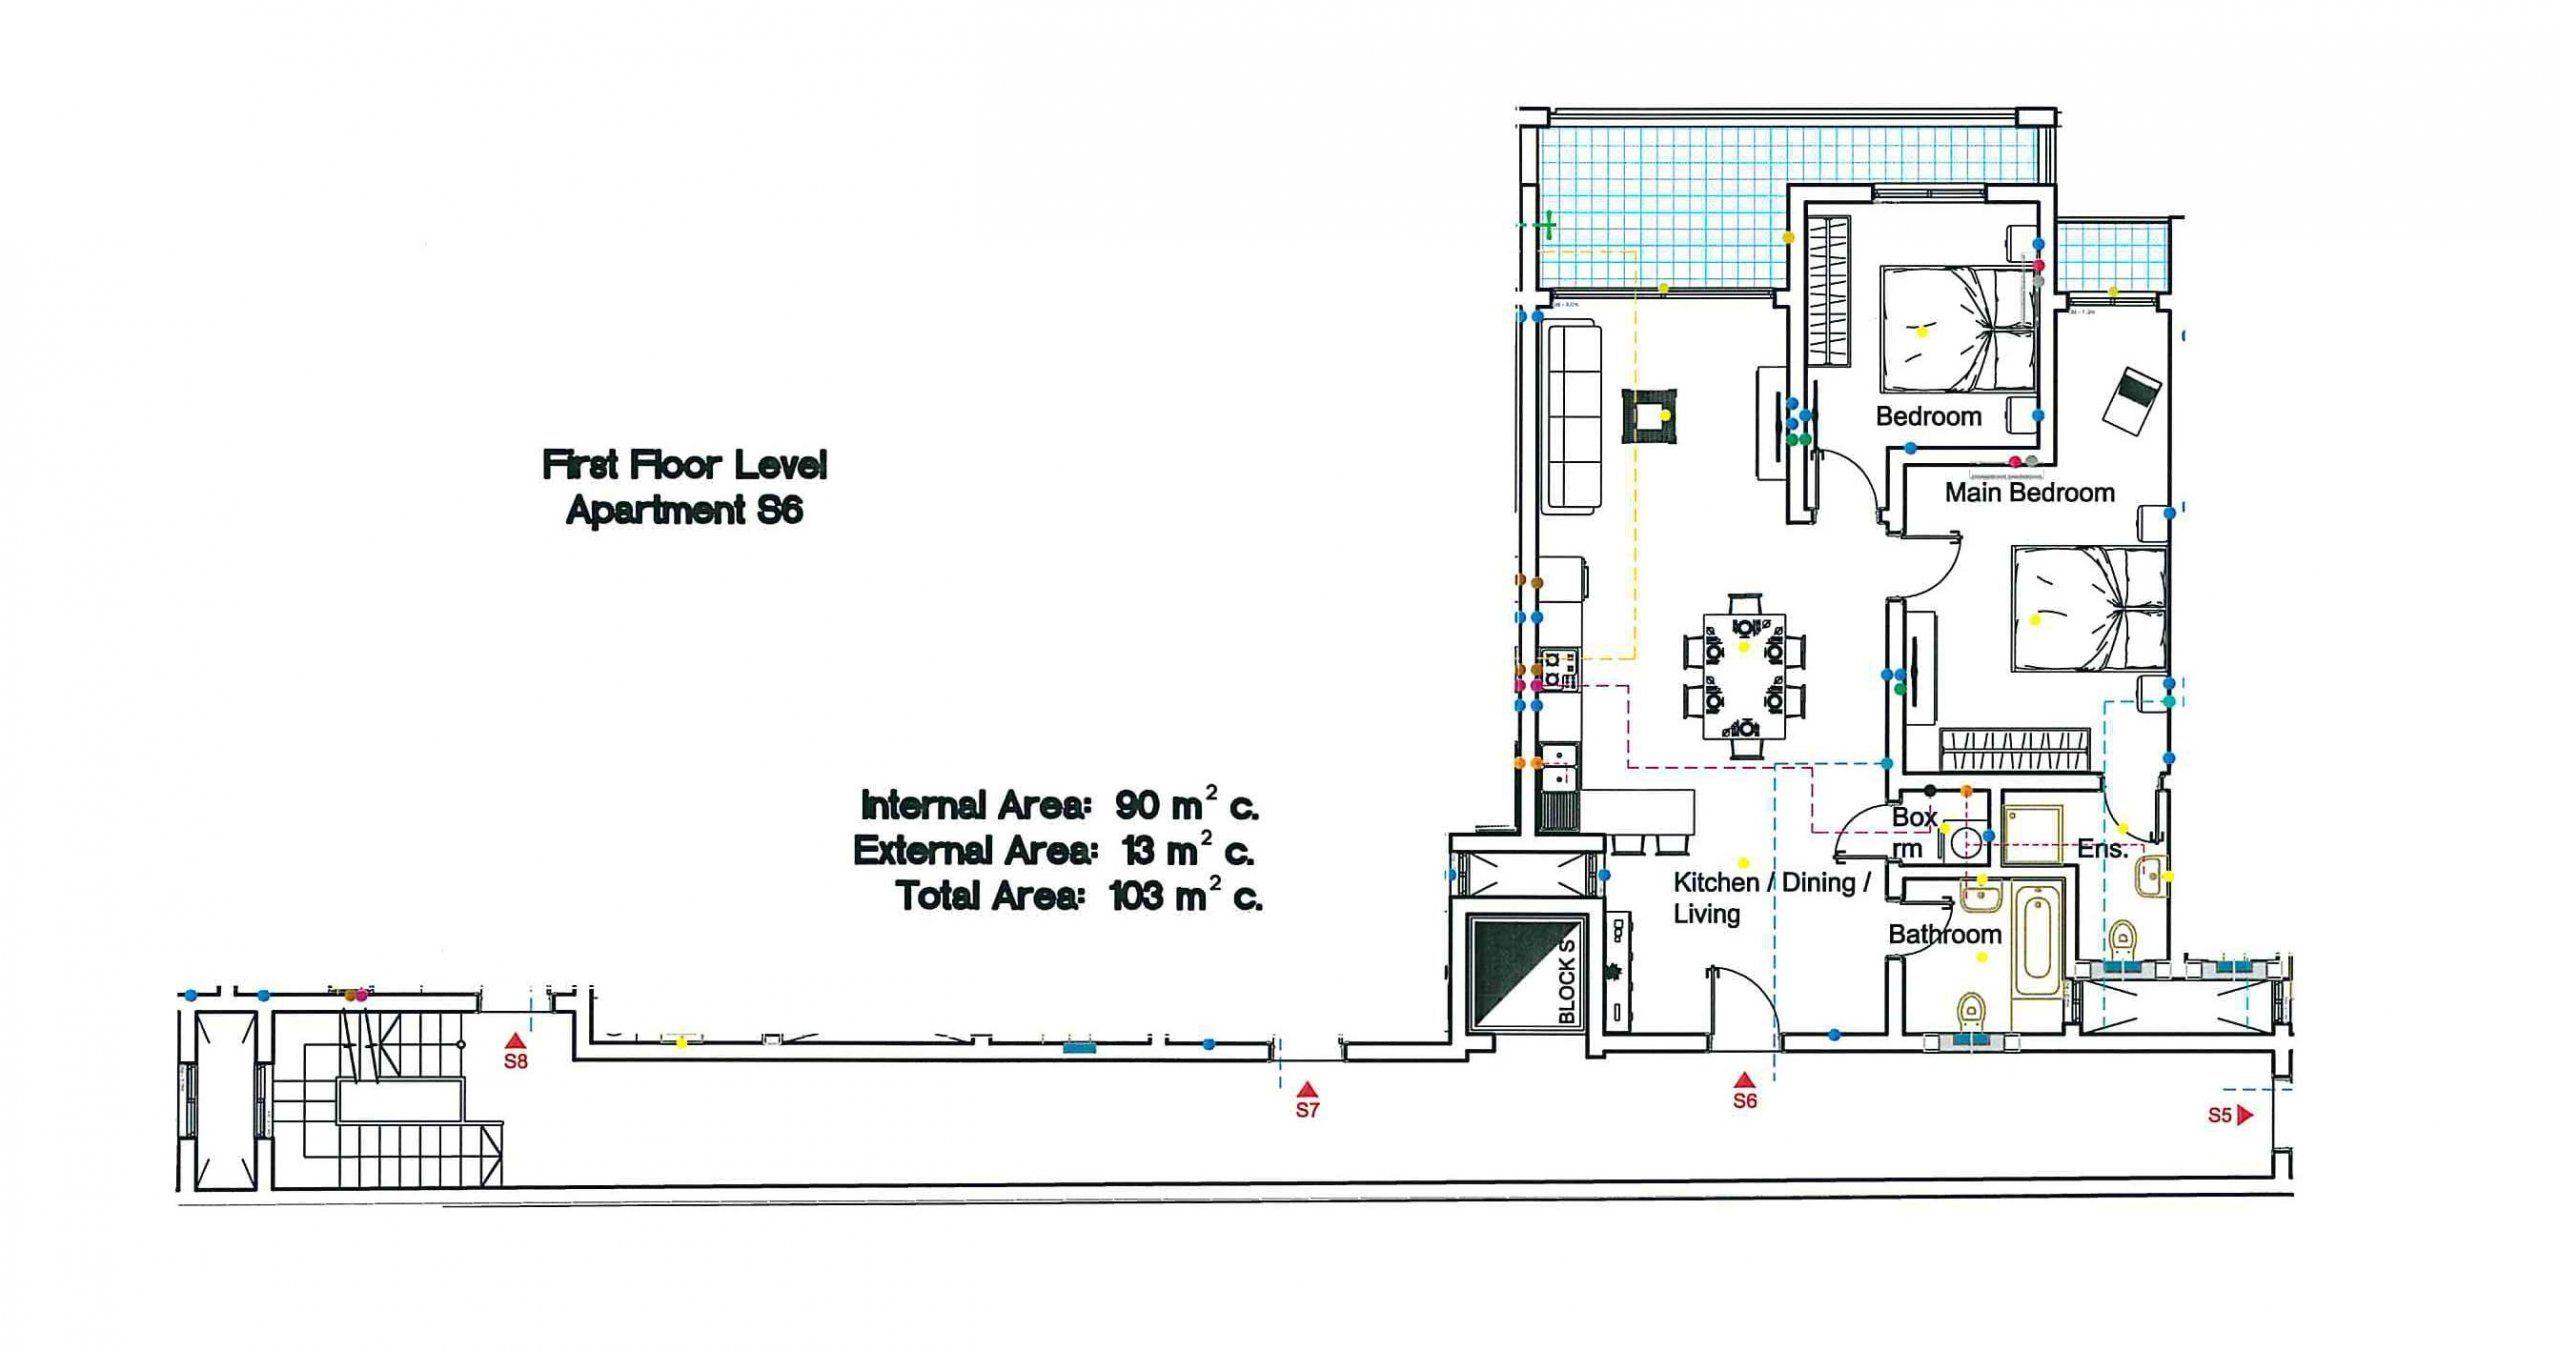 S6 First Floor